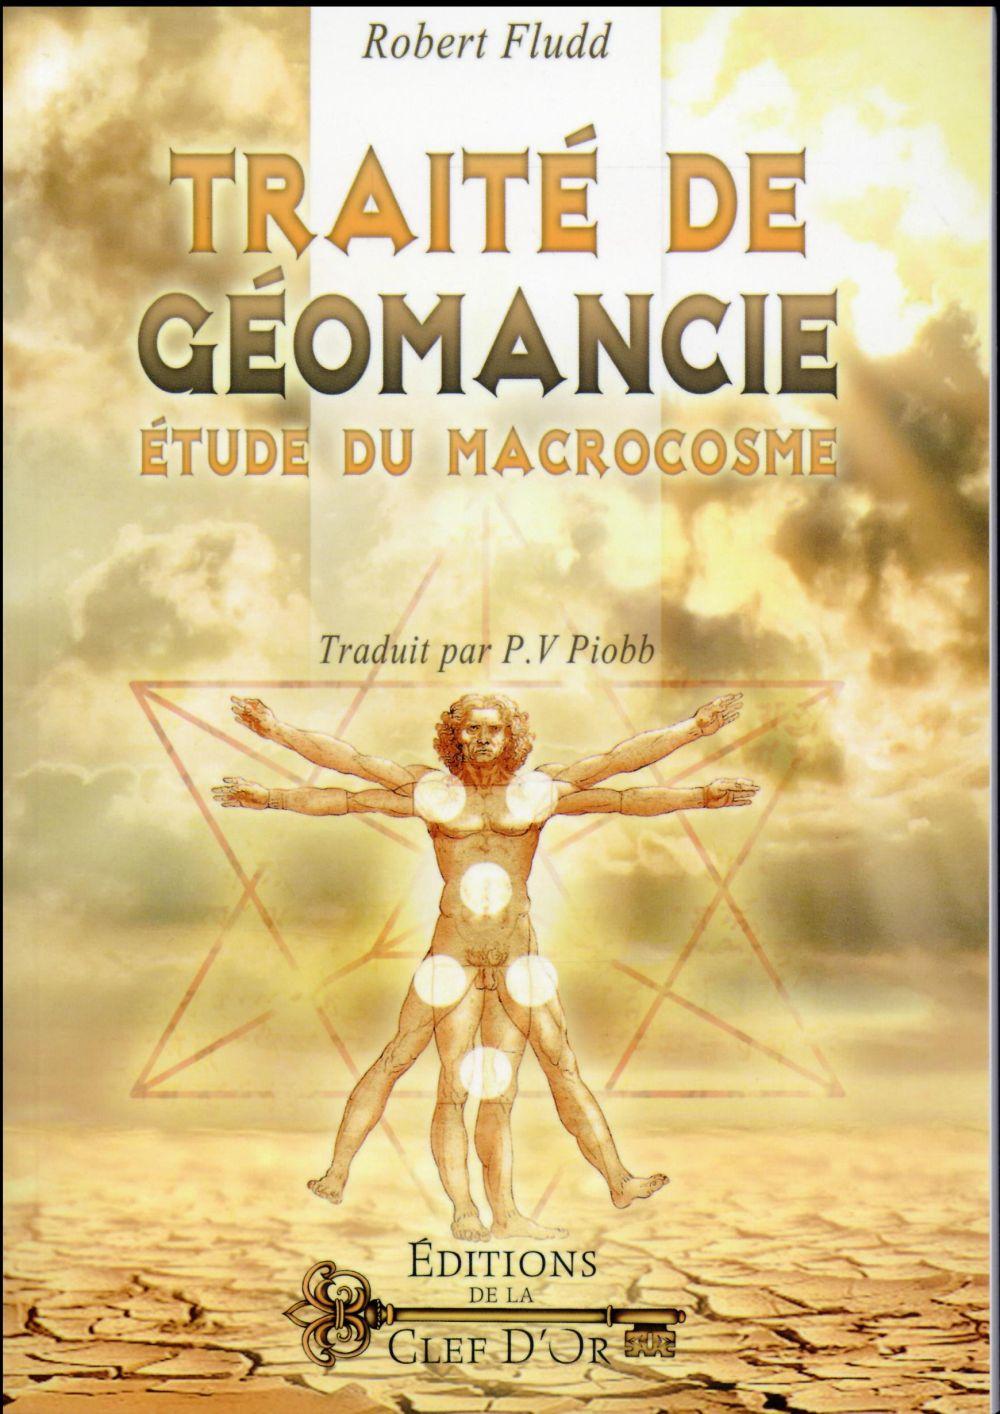 TRAITE DE GEOMANCIE - ETUDE DU MACROCOSME - ANNOTEE ET TRADUITE PAR P.V PIOBB.